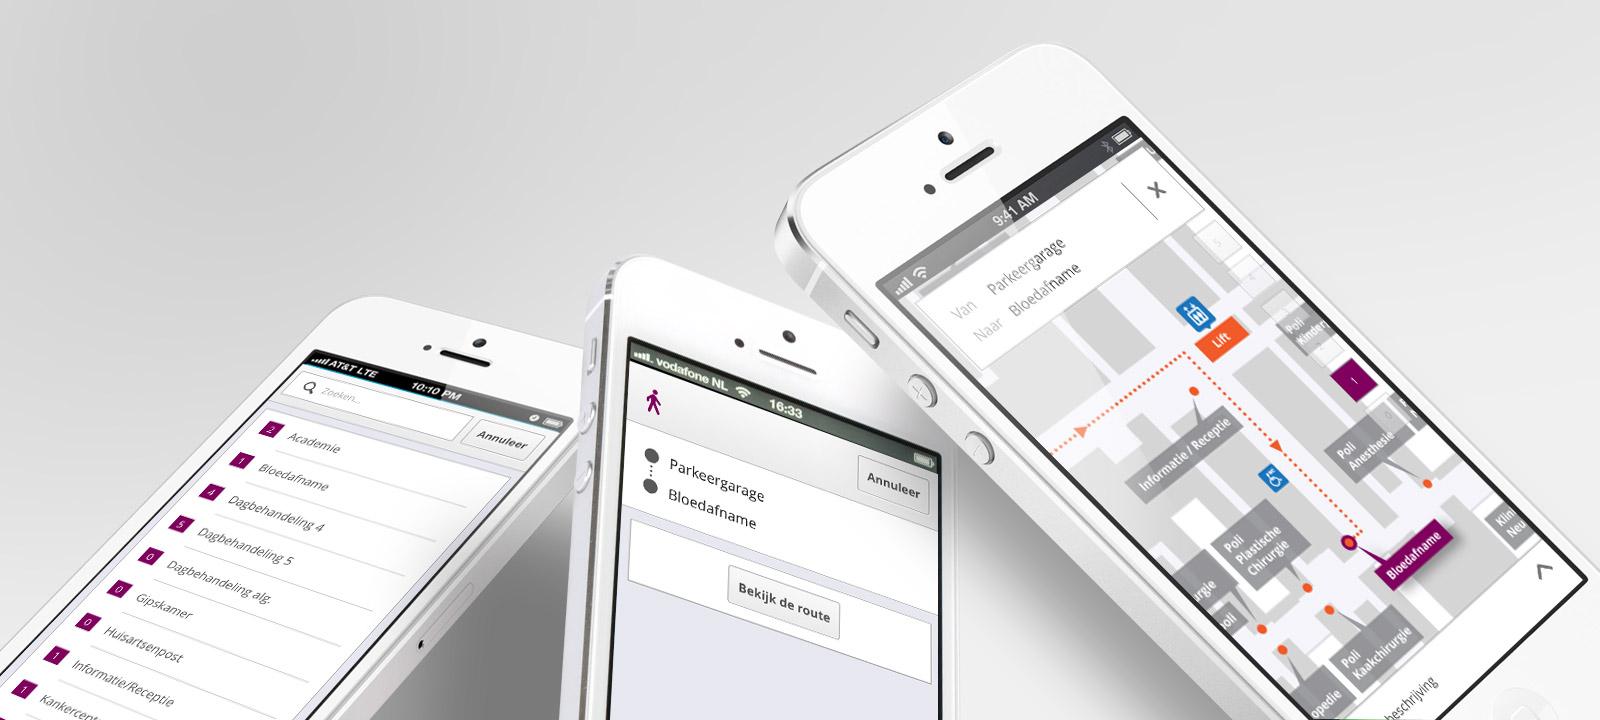 3_iphones.jpg